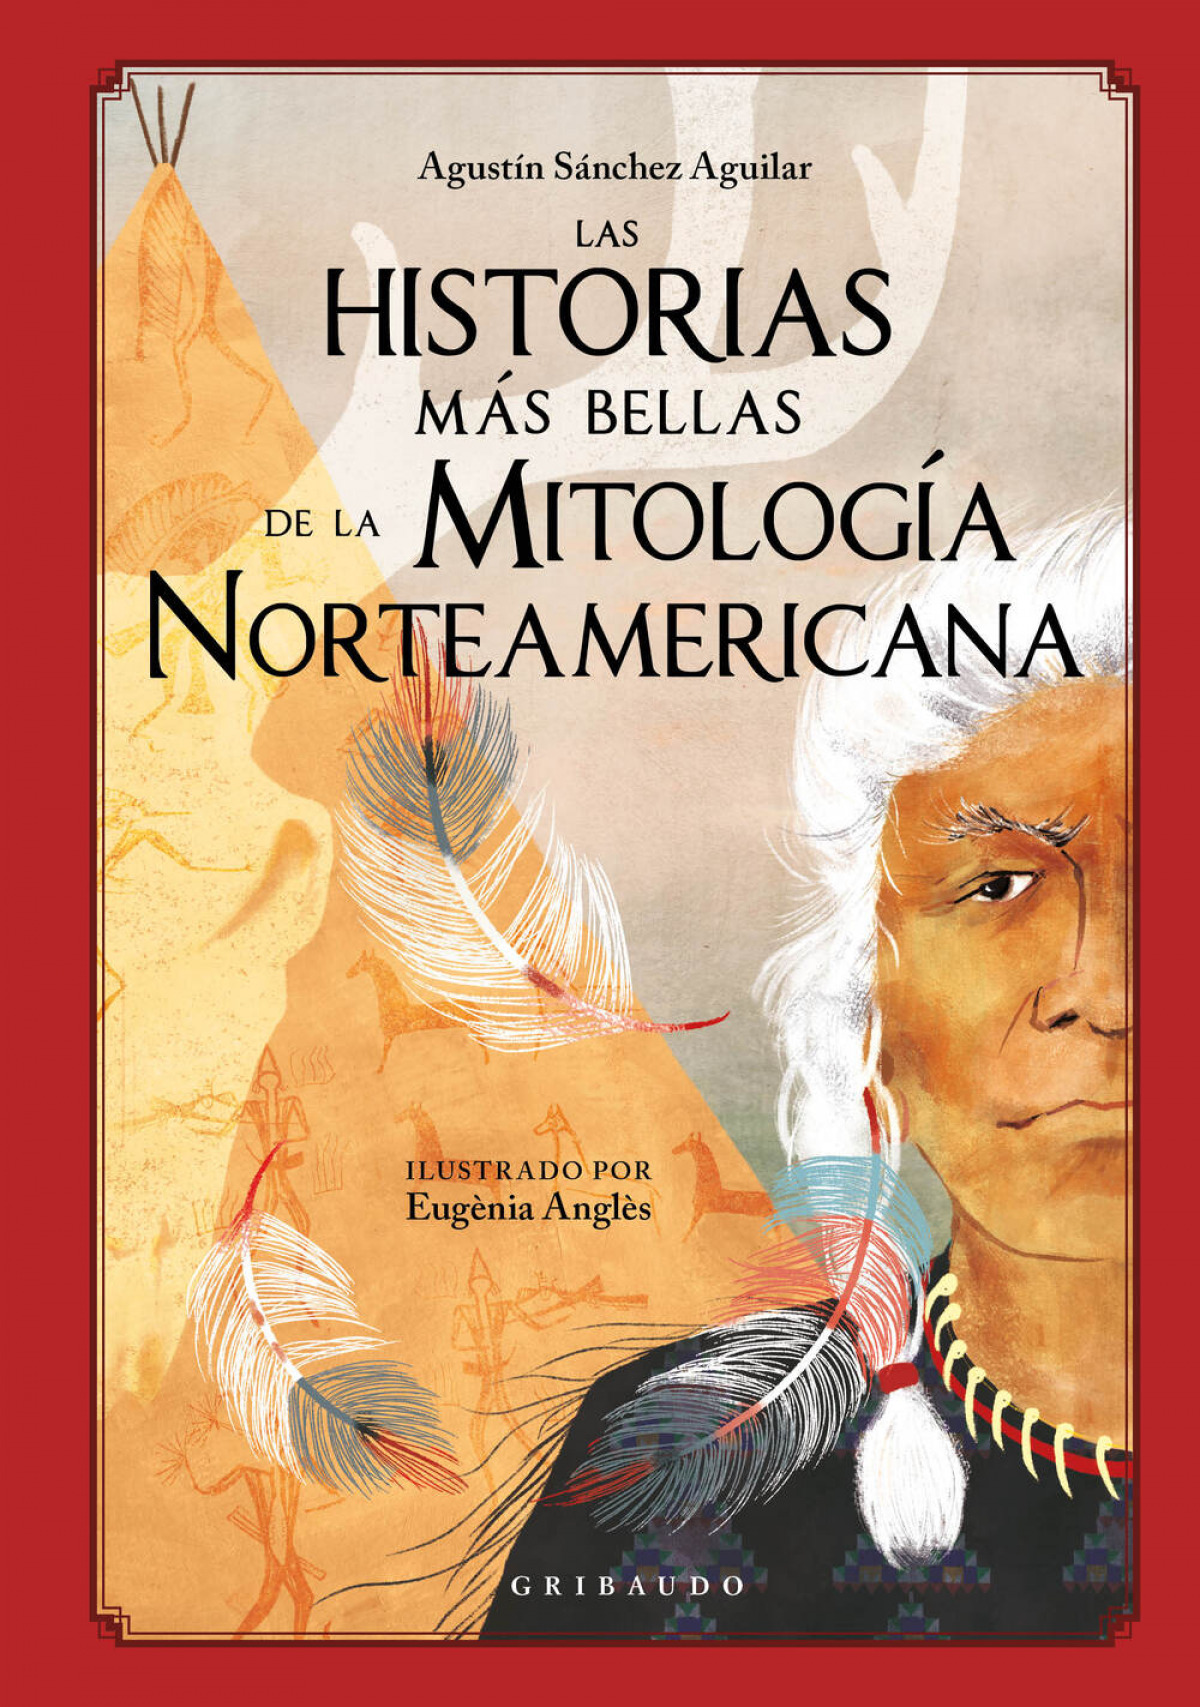 Las historias más bellas de la mitología norteamericana